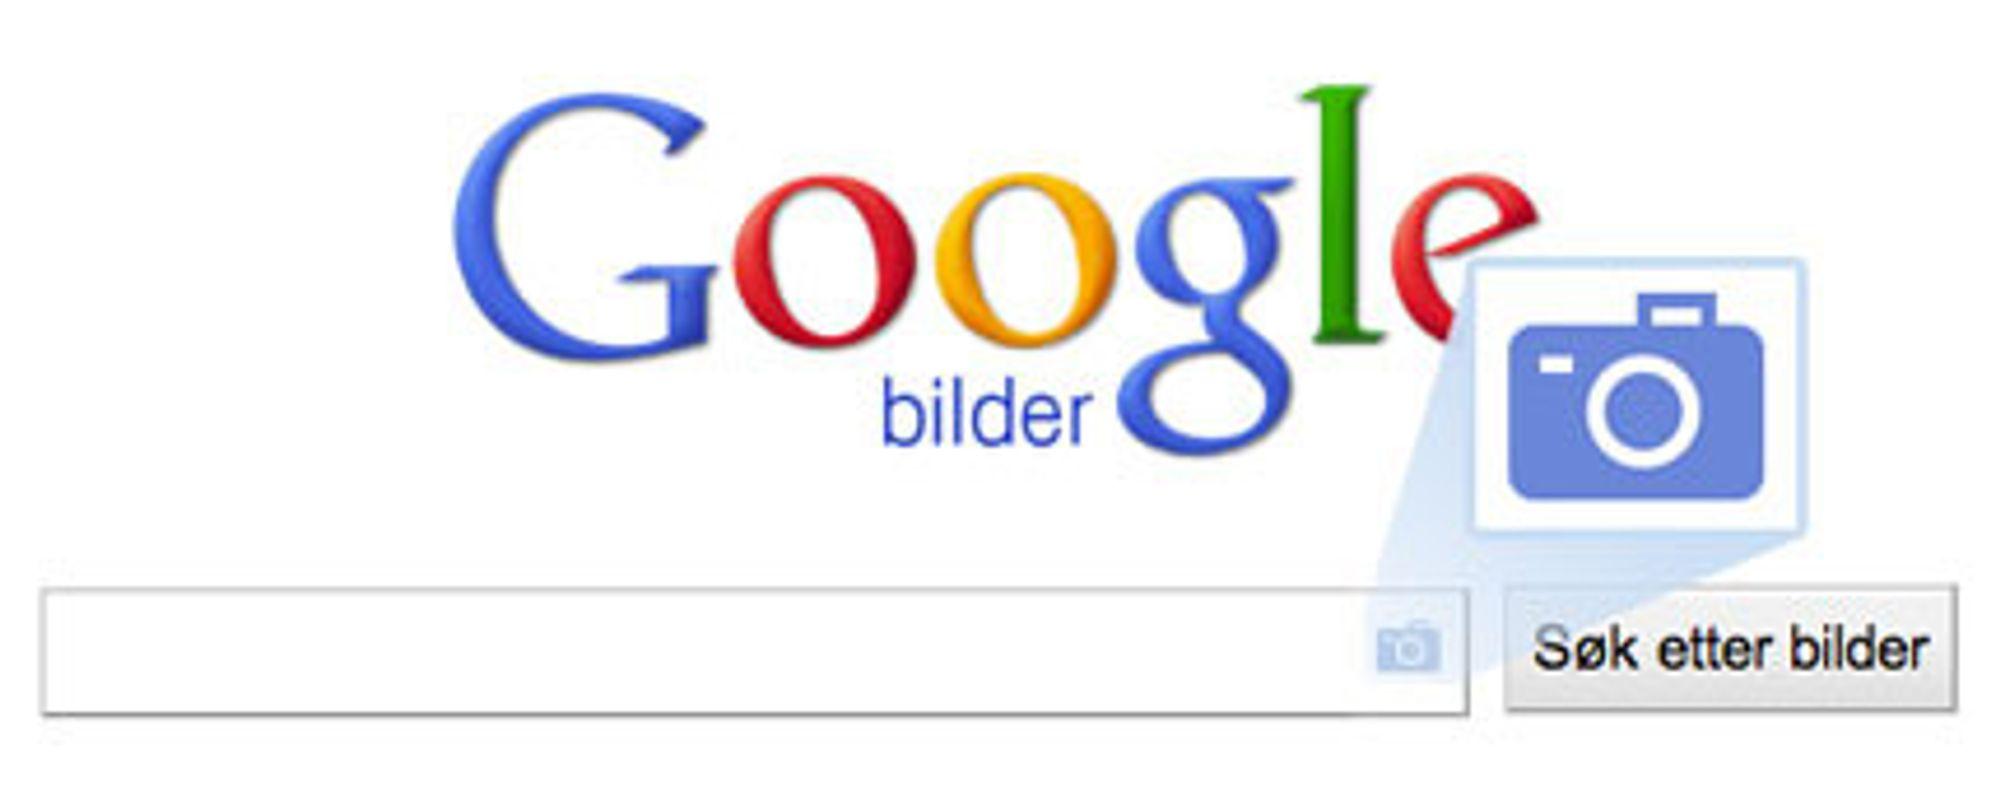 Google søk med bilder